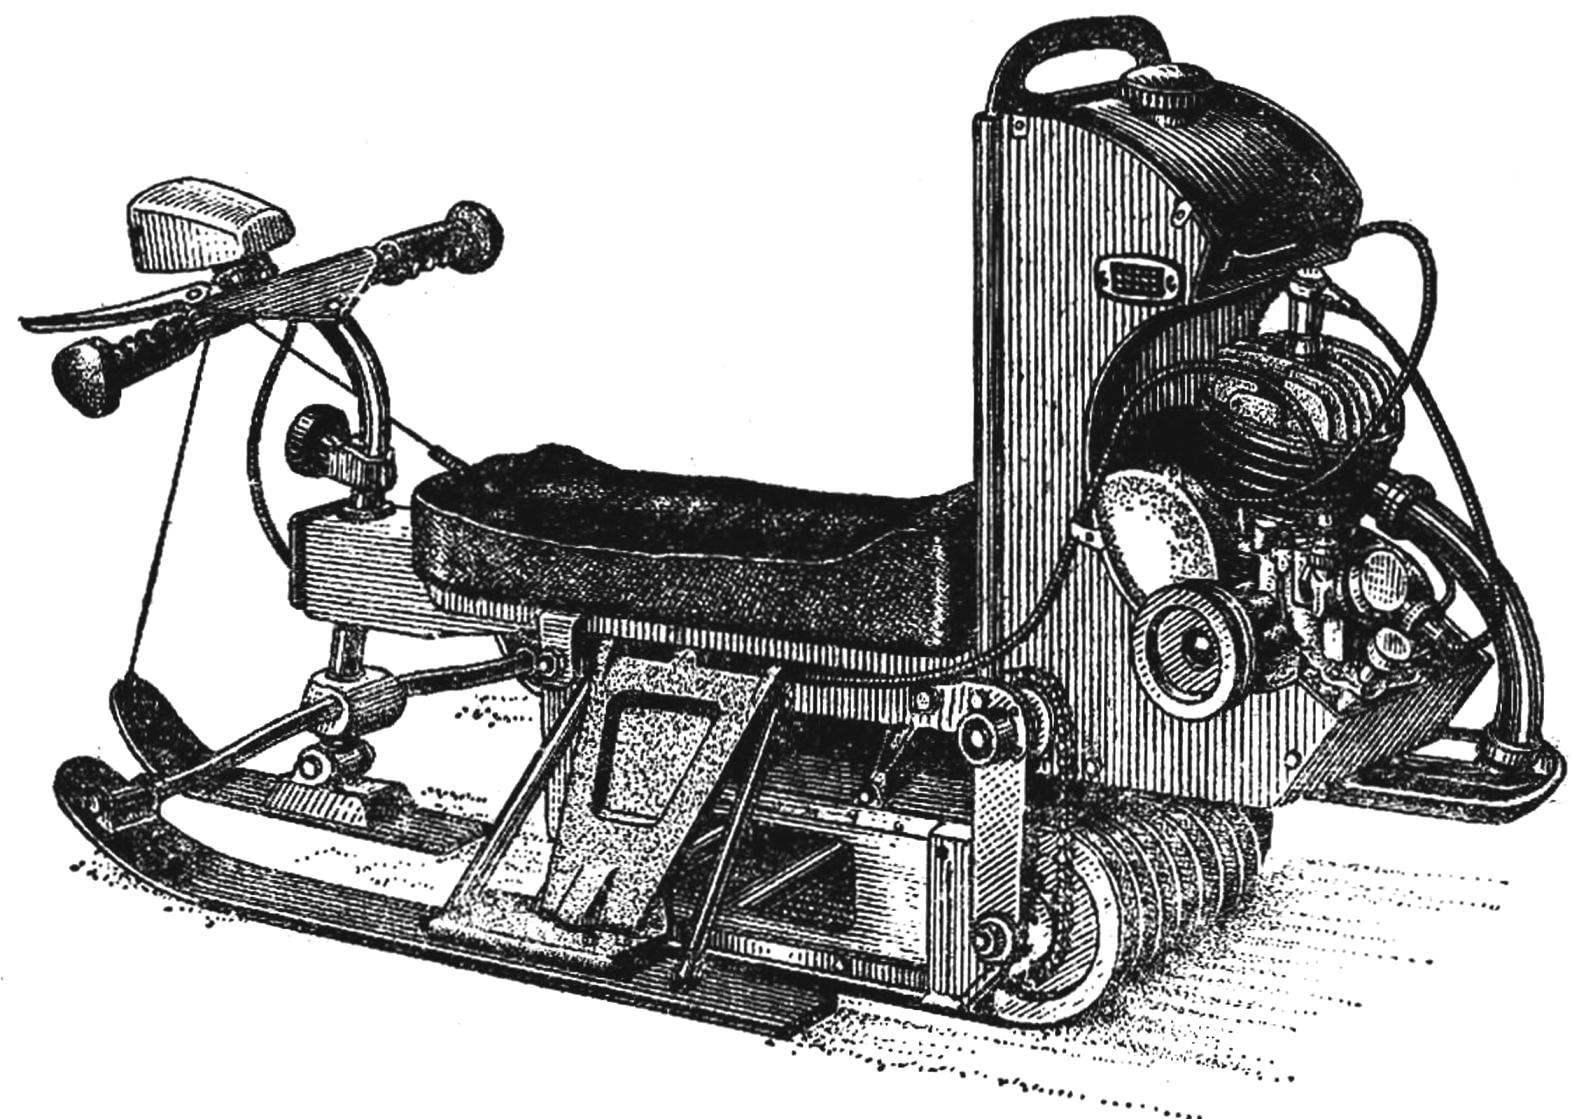 Мотонарты «Чук к Гек» — оригинальная модернизация промышленного снегоката.